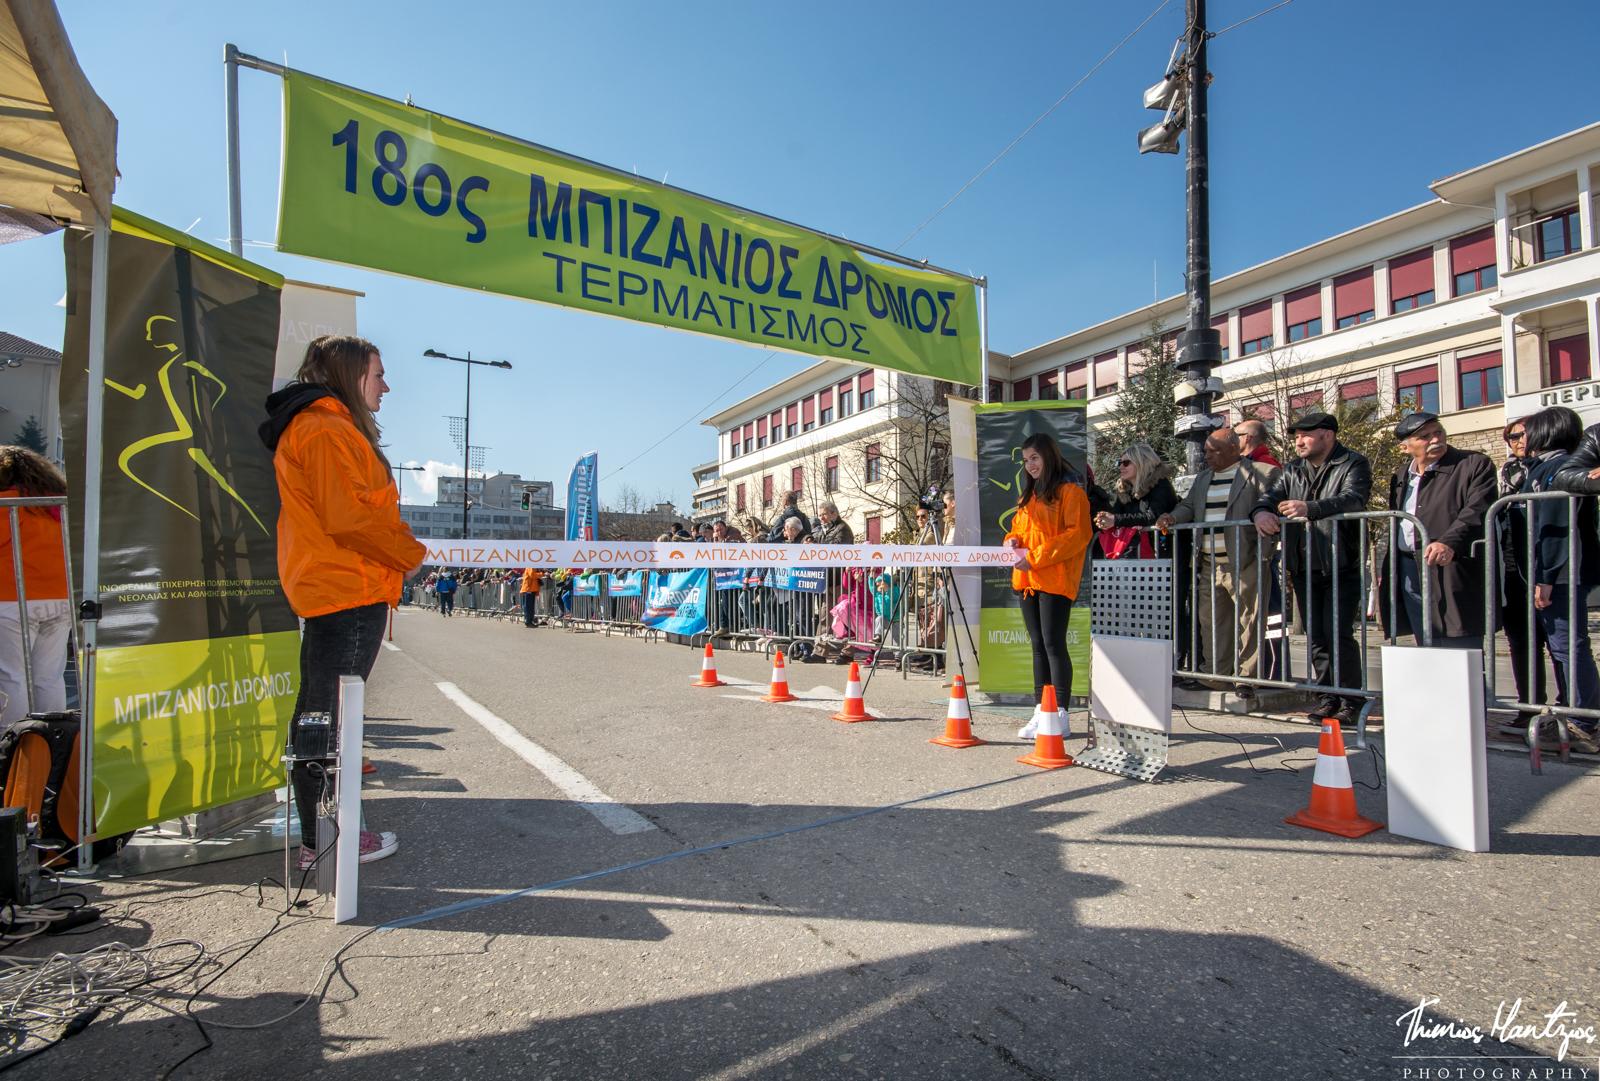 Bizani-Ioannina street run 2015